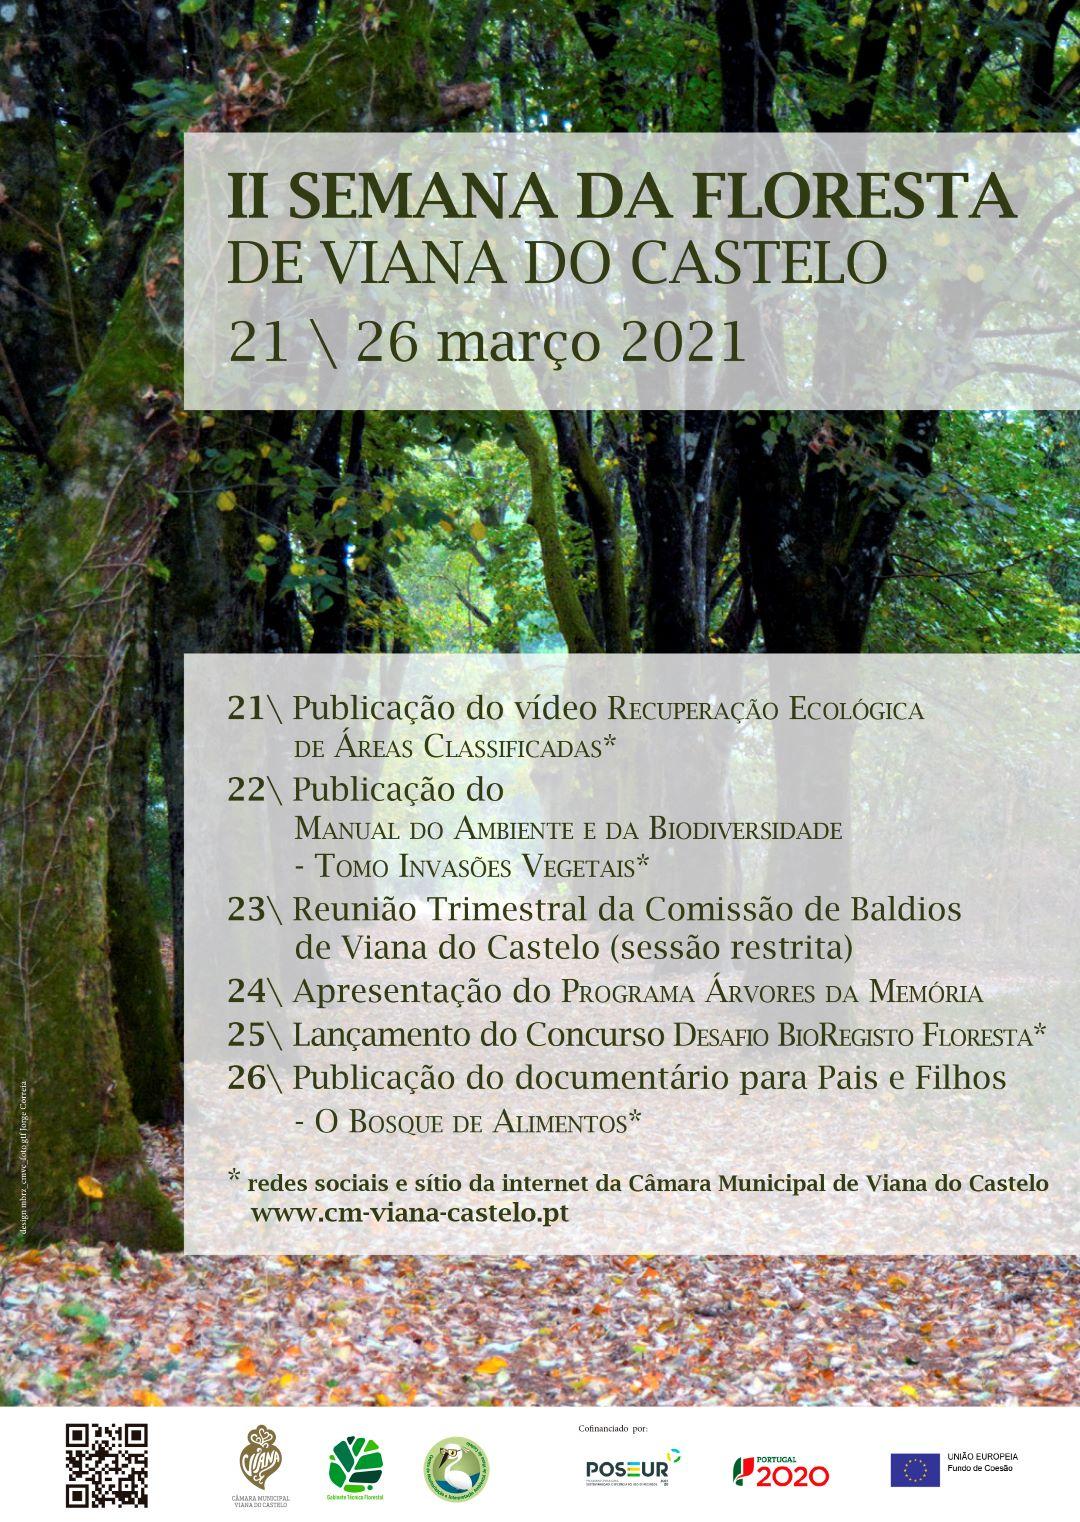 II Semana da Floresta de Viana do Castelo promovida de 21 a 26 de março